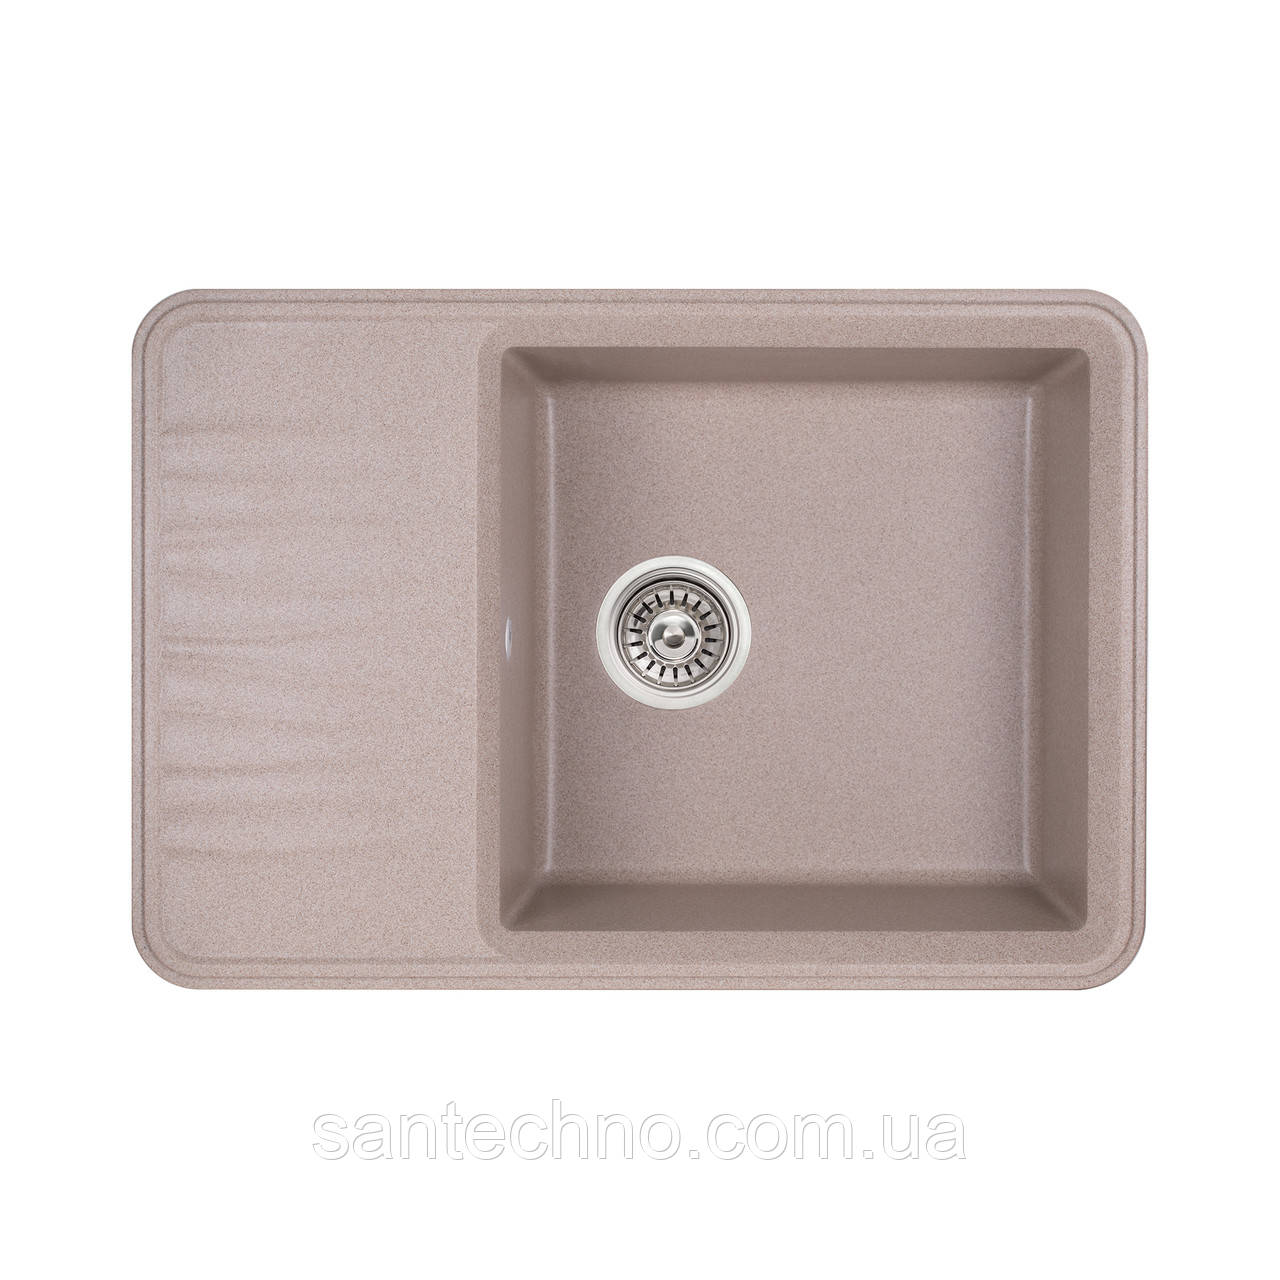 Кухонна мийка Qtap CS 7440 BEI (QT7440BEI551)